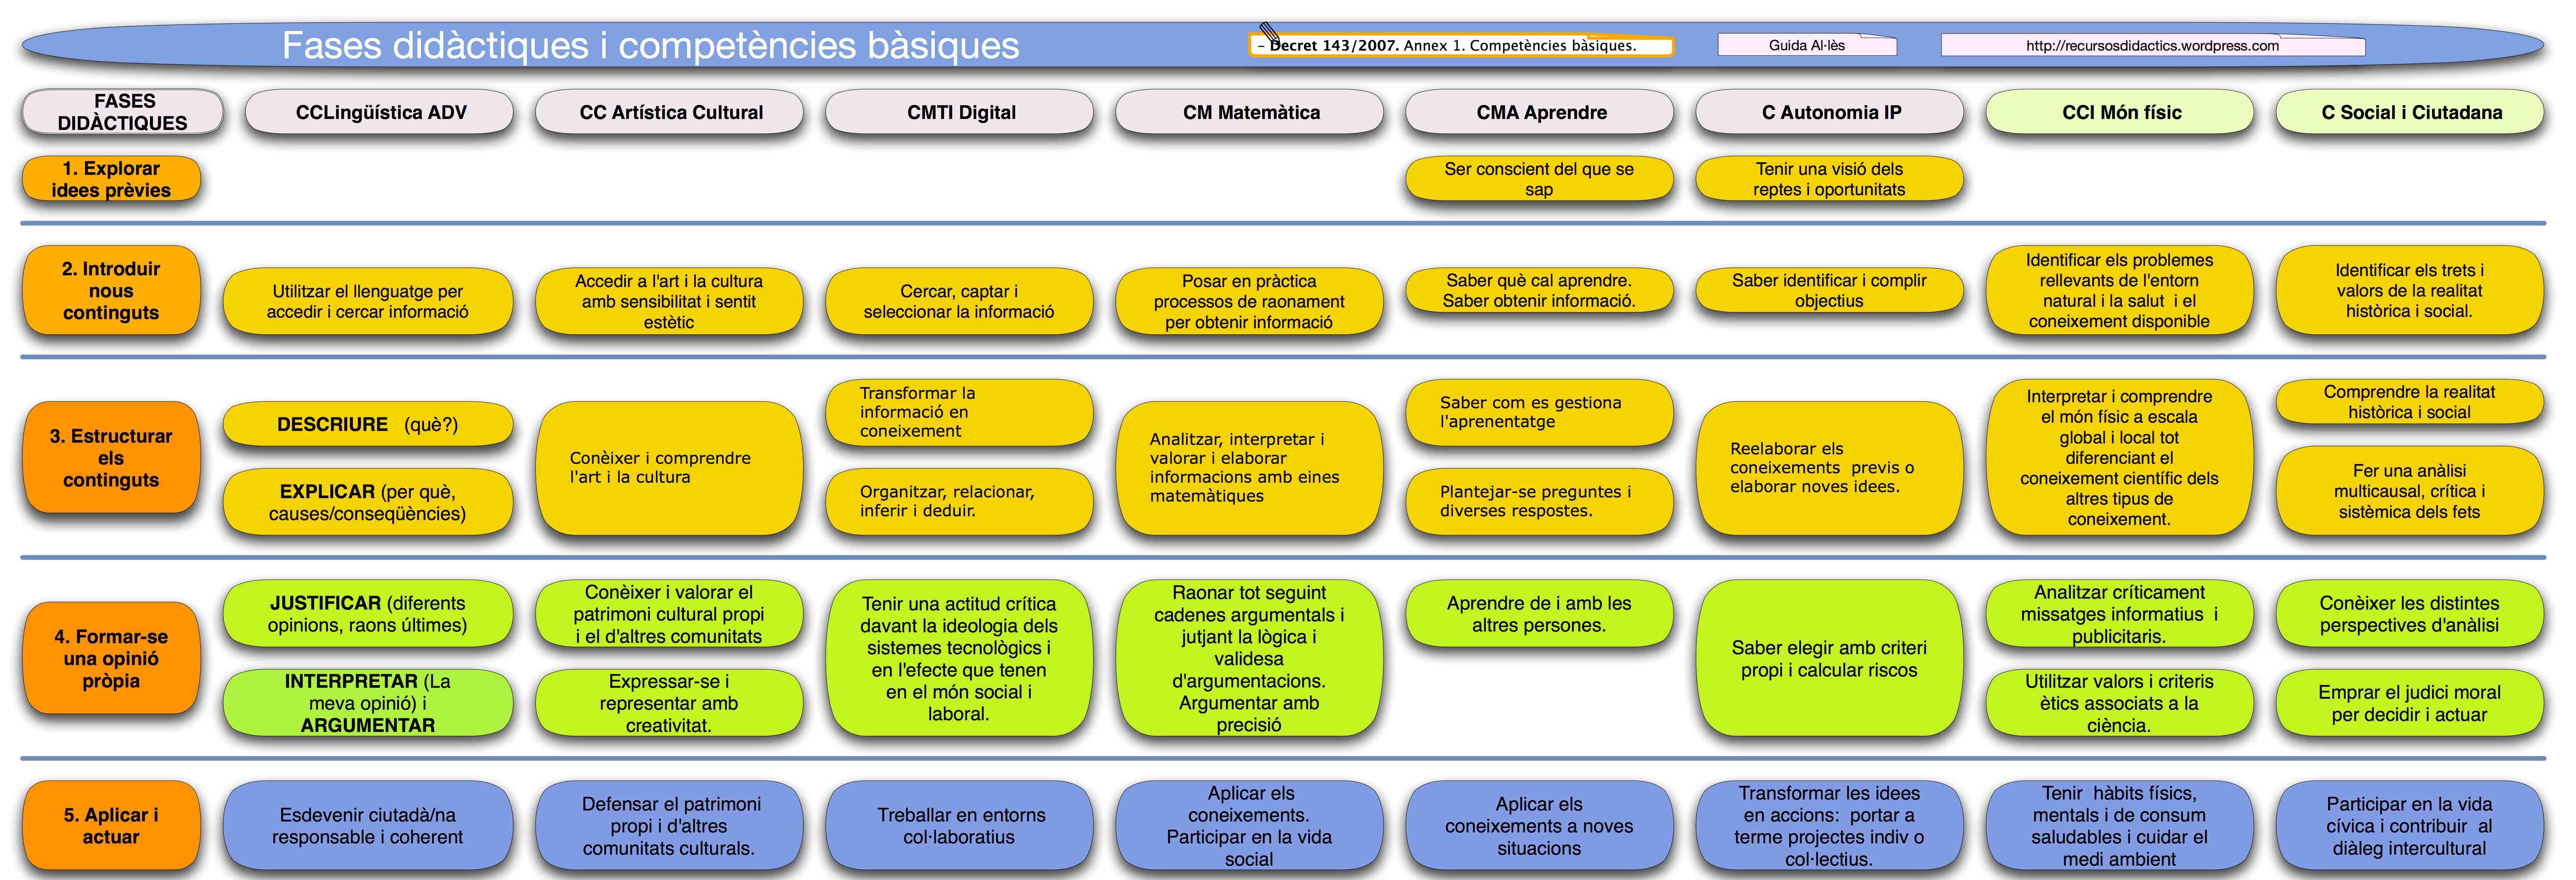 Competències bàsiques i fases didàctiques